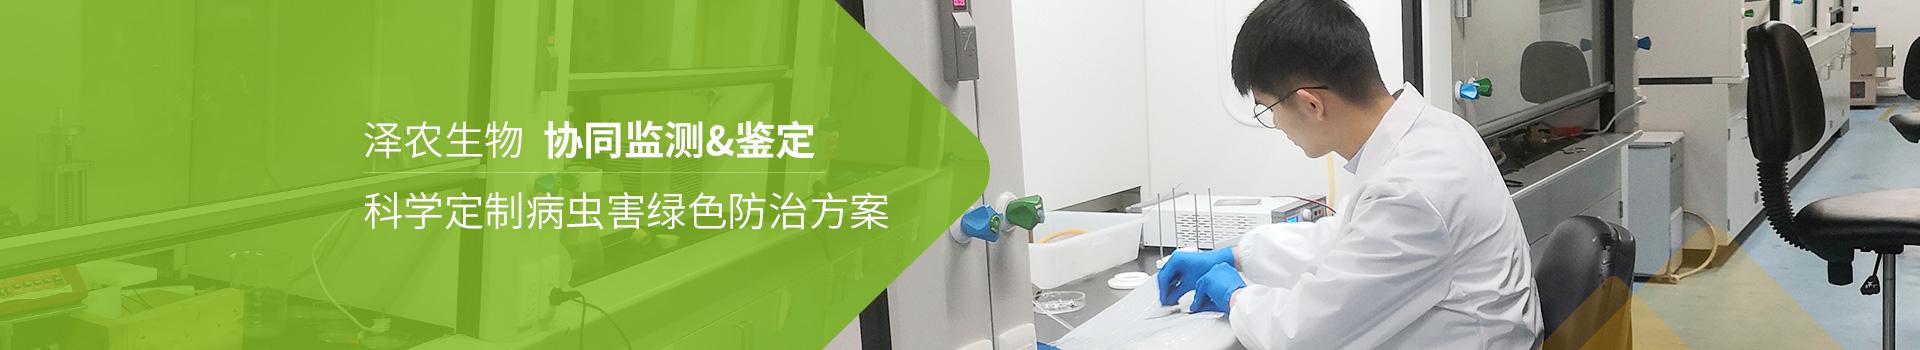 泽农生物科学定制害虫害绿色防治方案